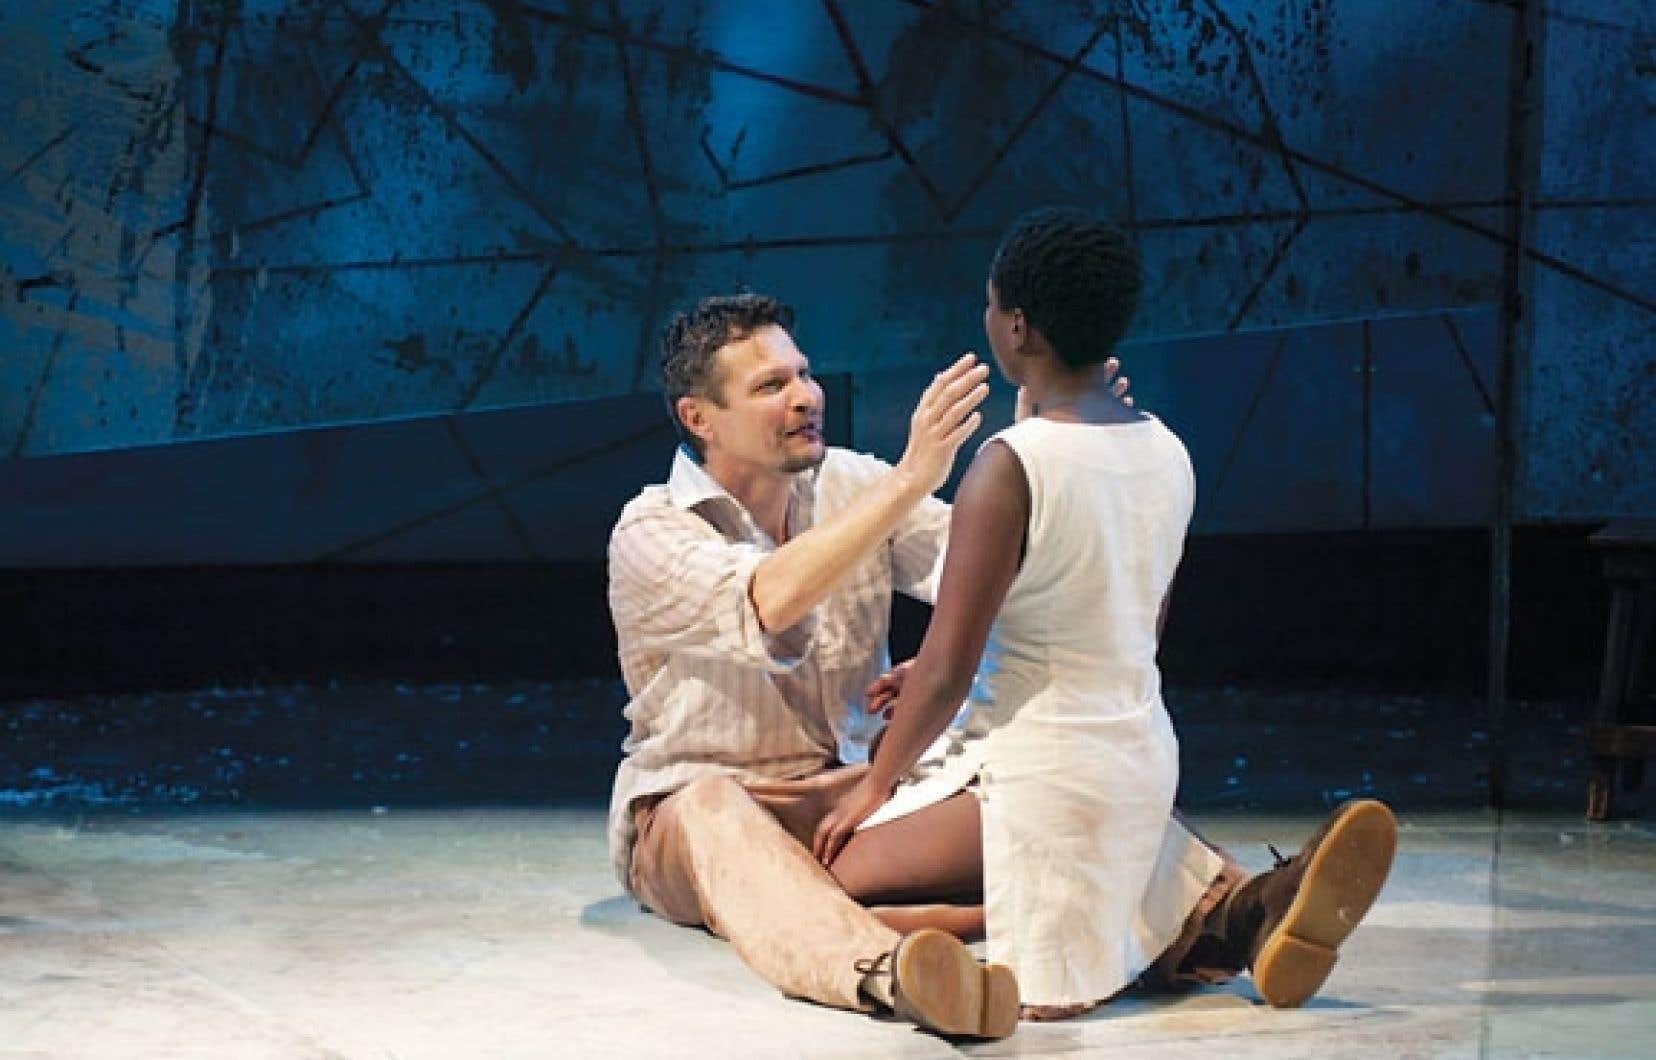 La pièce est tirée de l'œuvre de l'auteur sud-africain J. M. Coetzee, qui dénonce sans ambages les dérives du colonialisme.